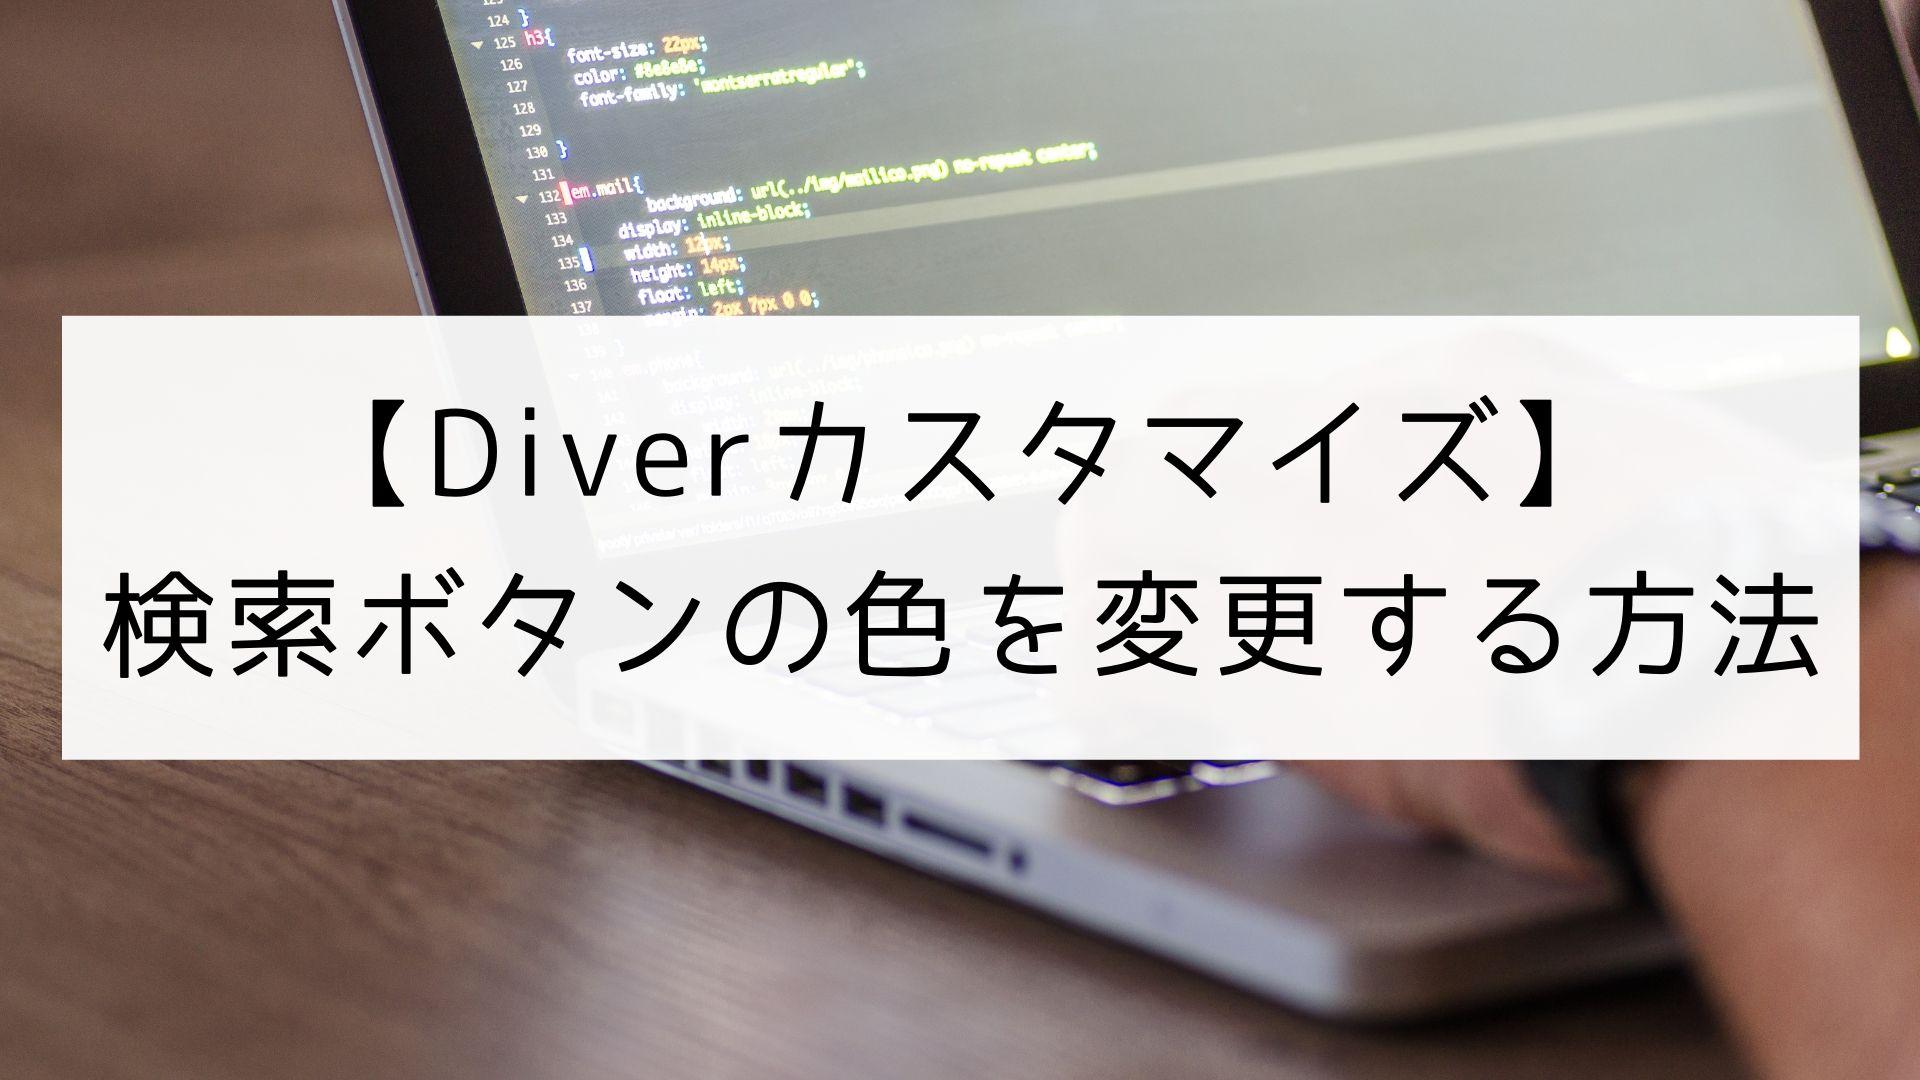 【プチカスタマイズ】WordPressテーマ「Diver」の検索ボタンの色を変更する方法